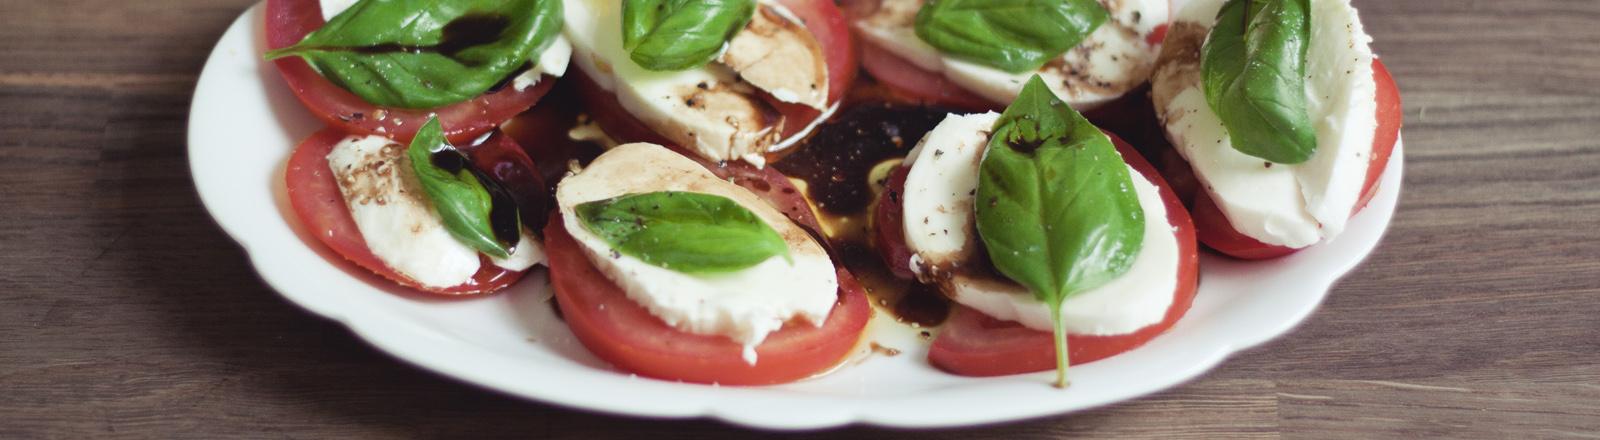 Ein Teller mit Tomate und Mozzarella